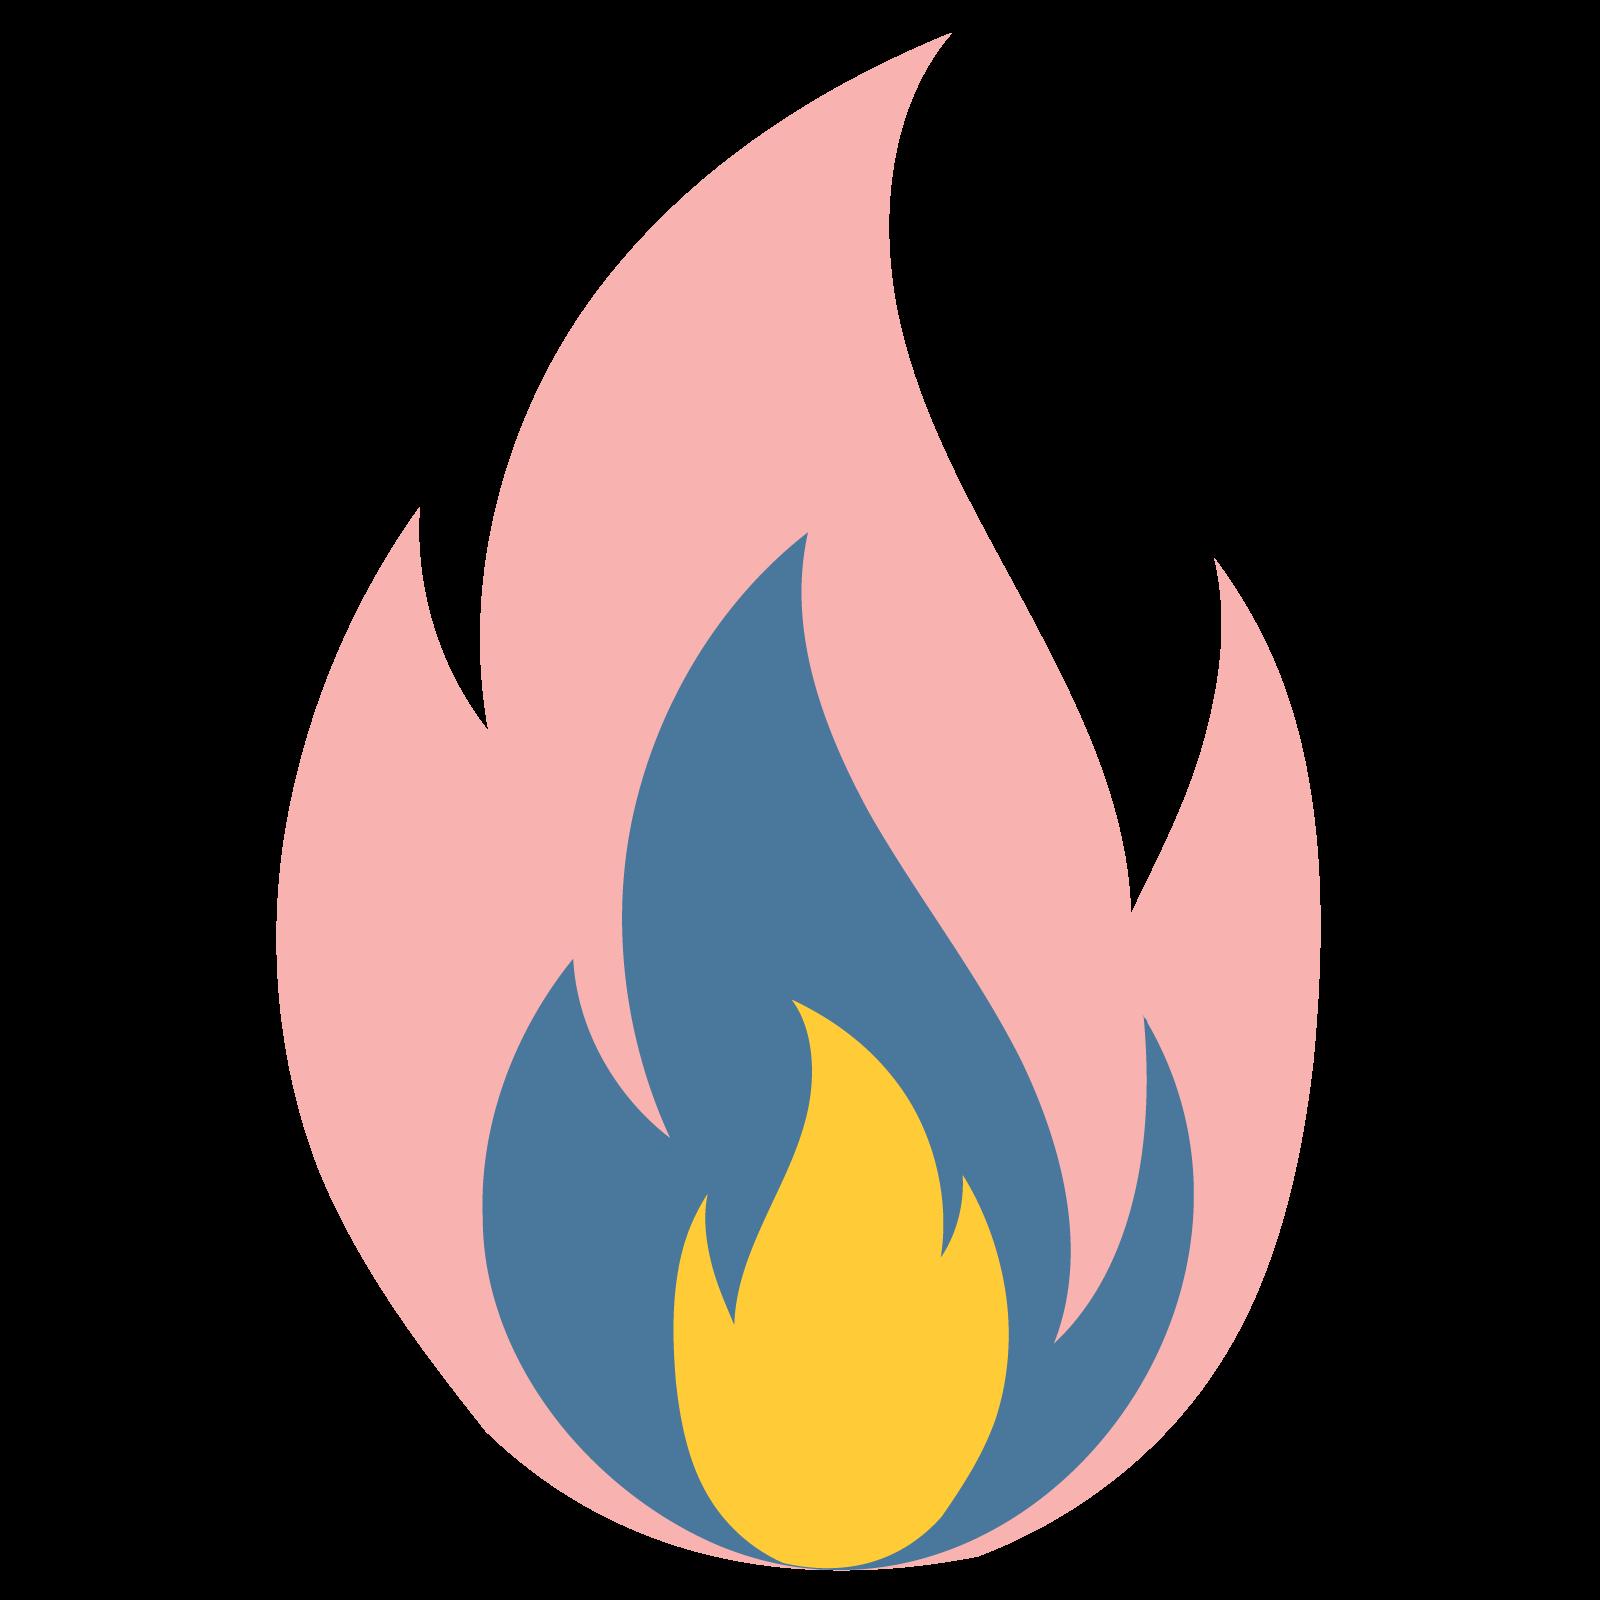 Blaze - A small fire being lit